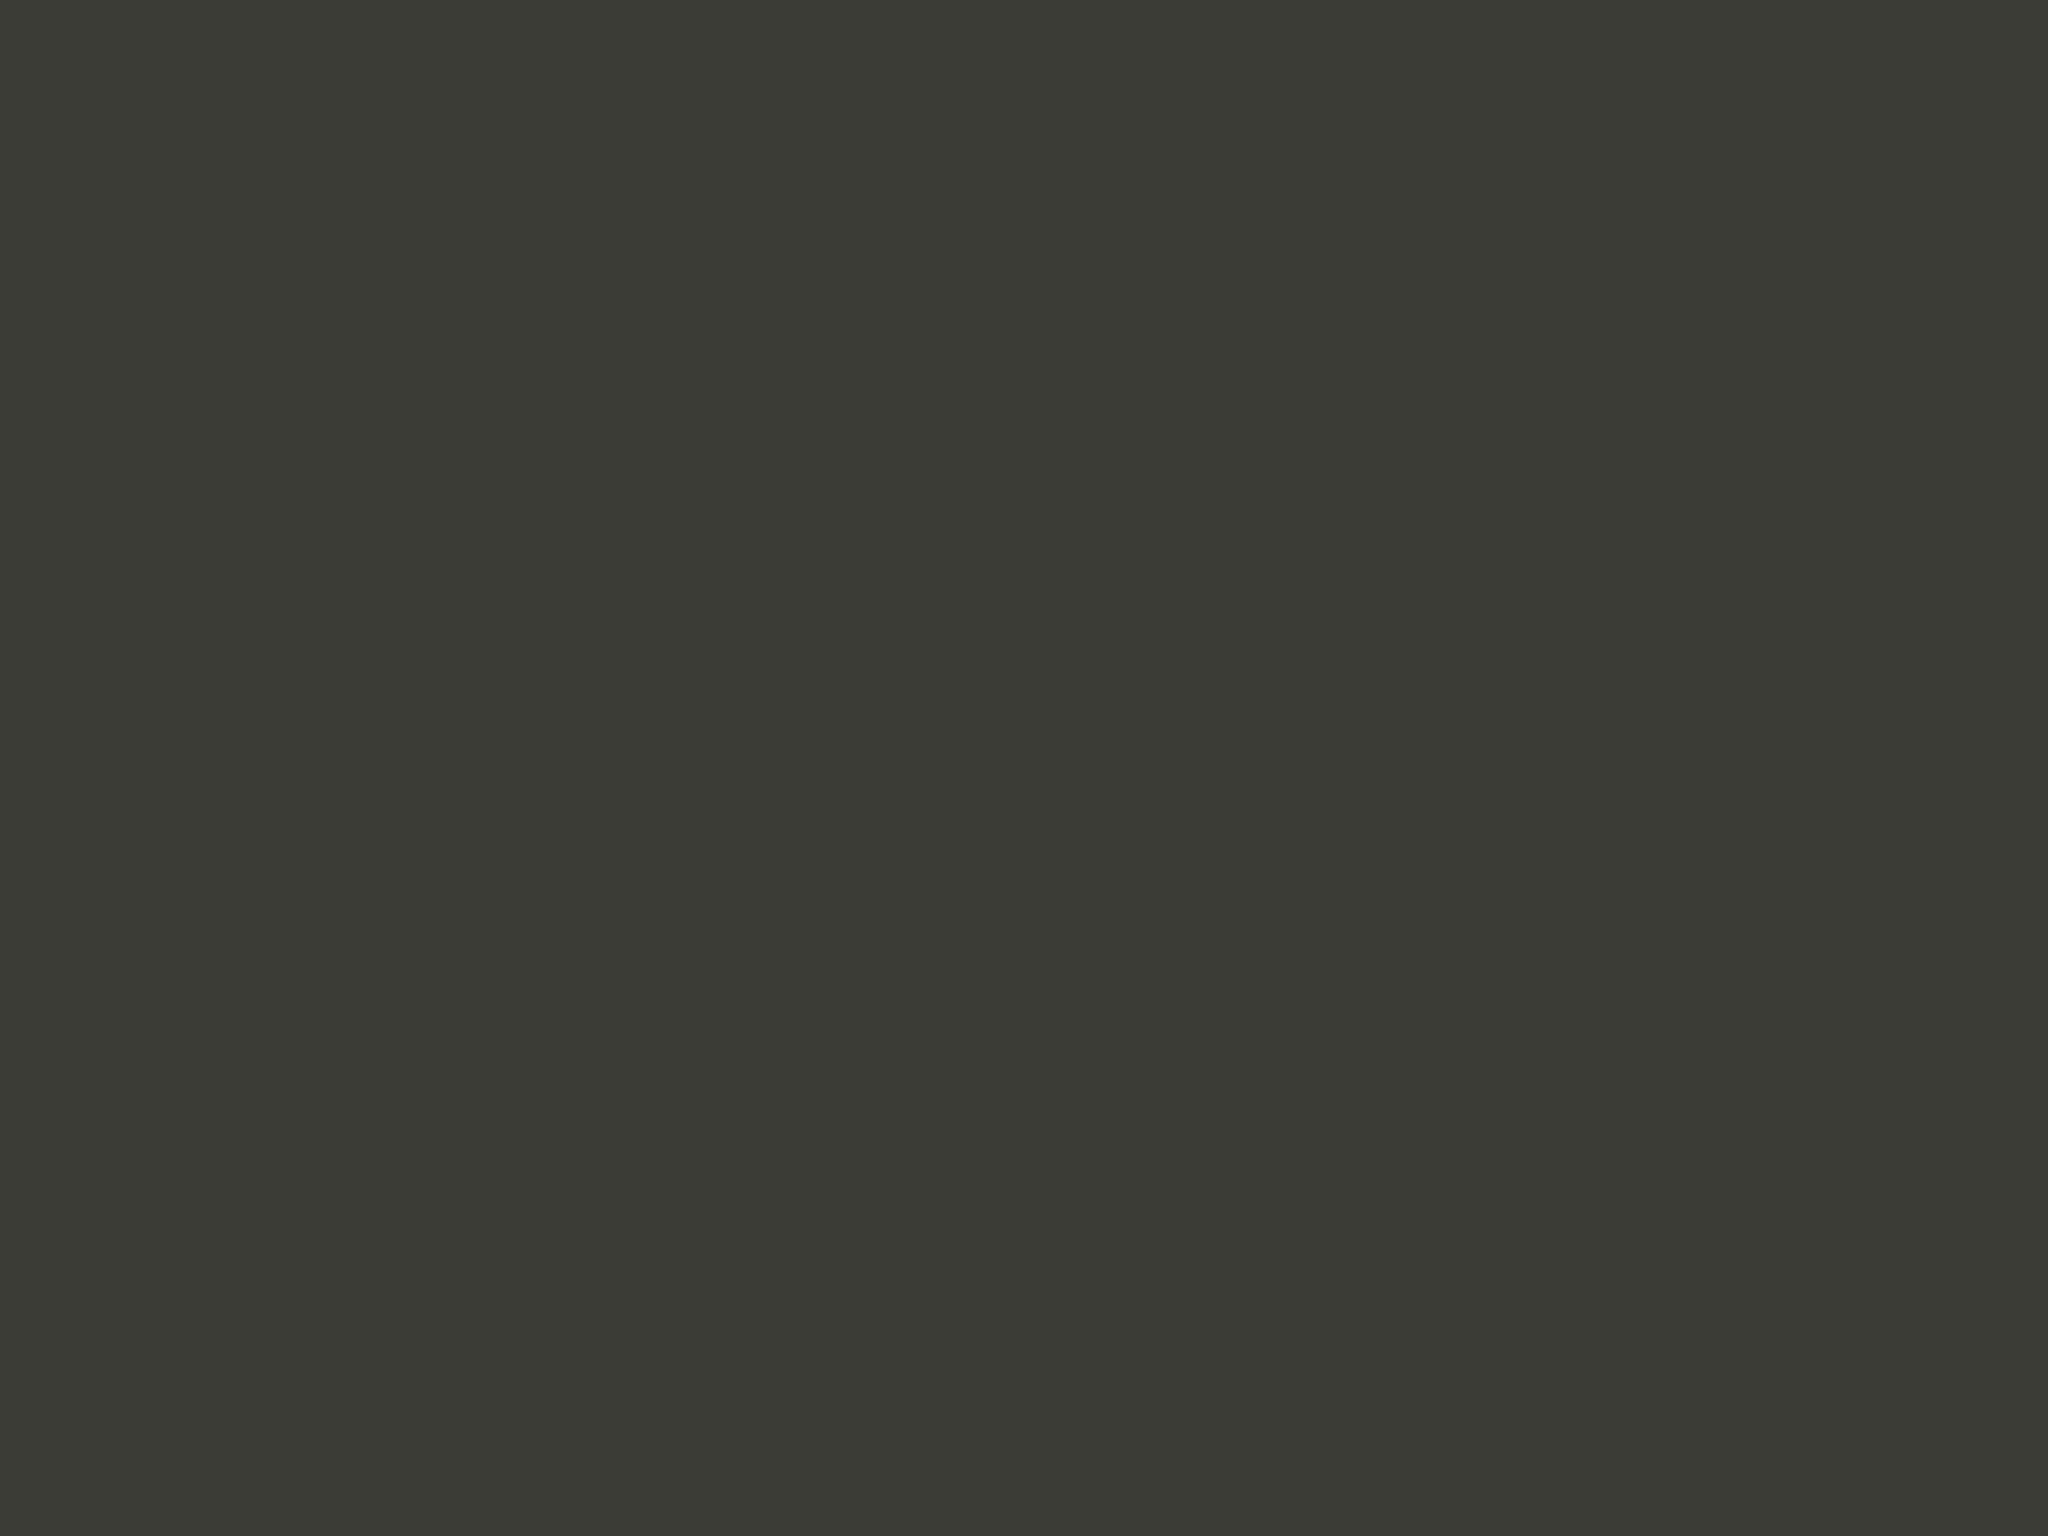 2048x1536 Black Olive Solid Color Background